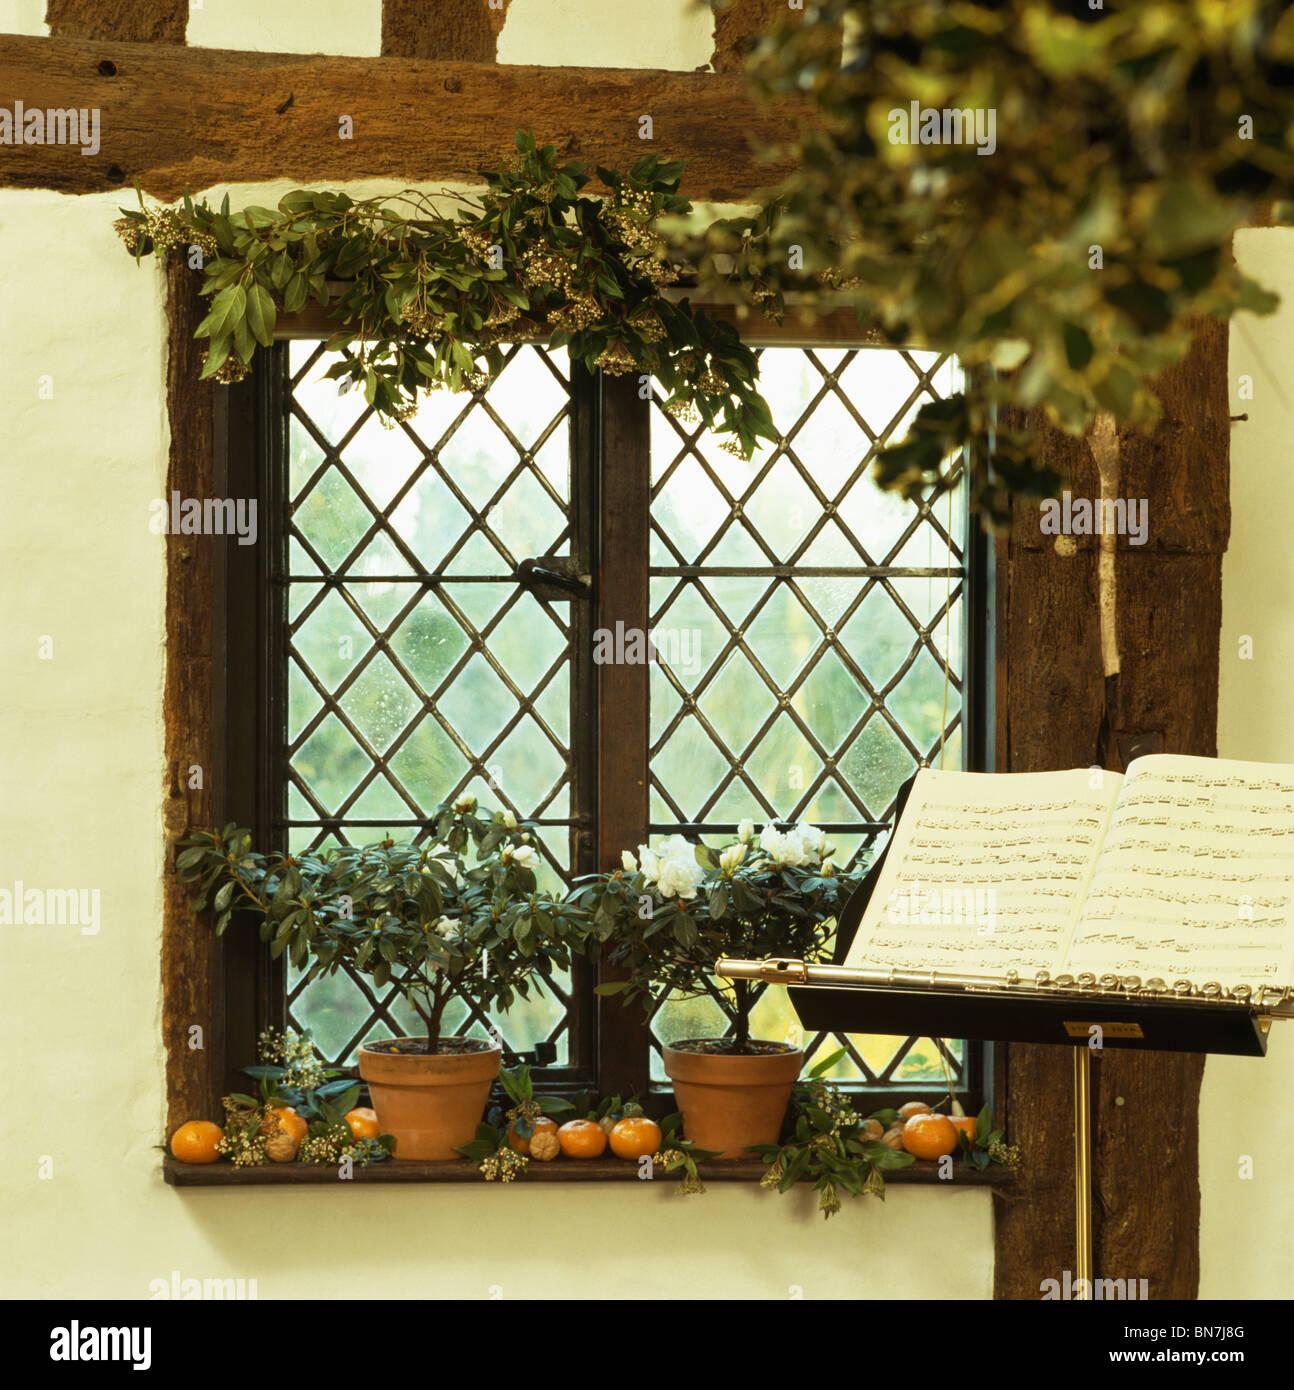 Noten Auf Stand Vor Der Gitter Fenster Dekoriert Fur Weihnachten Mit